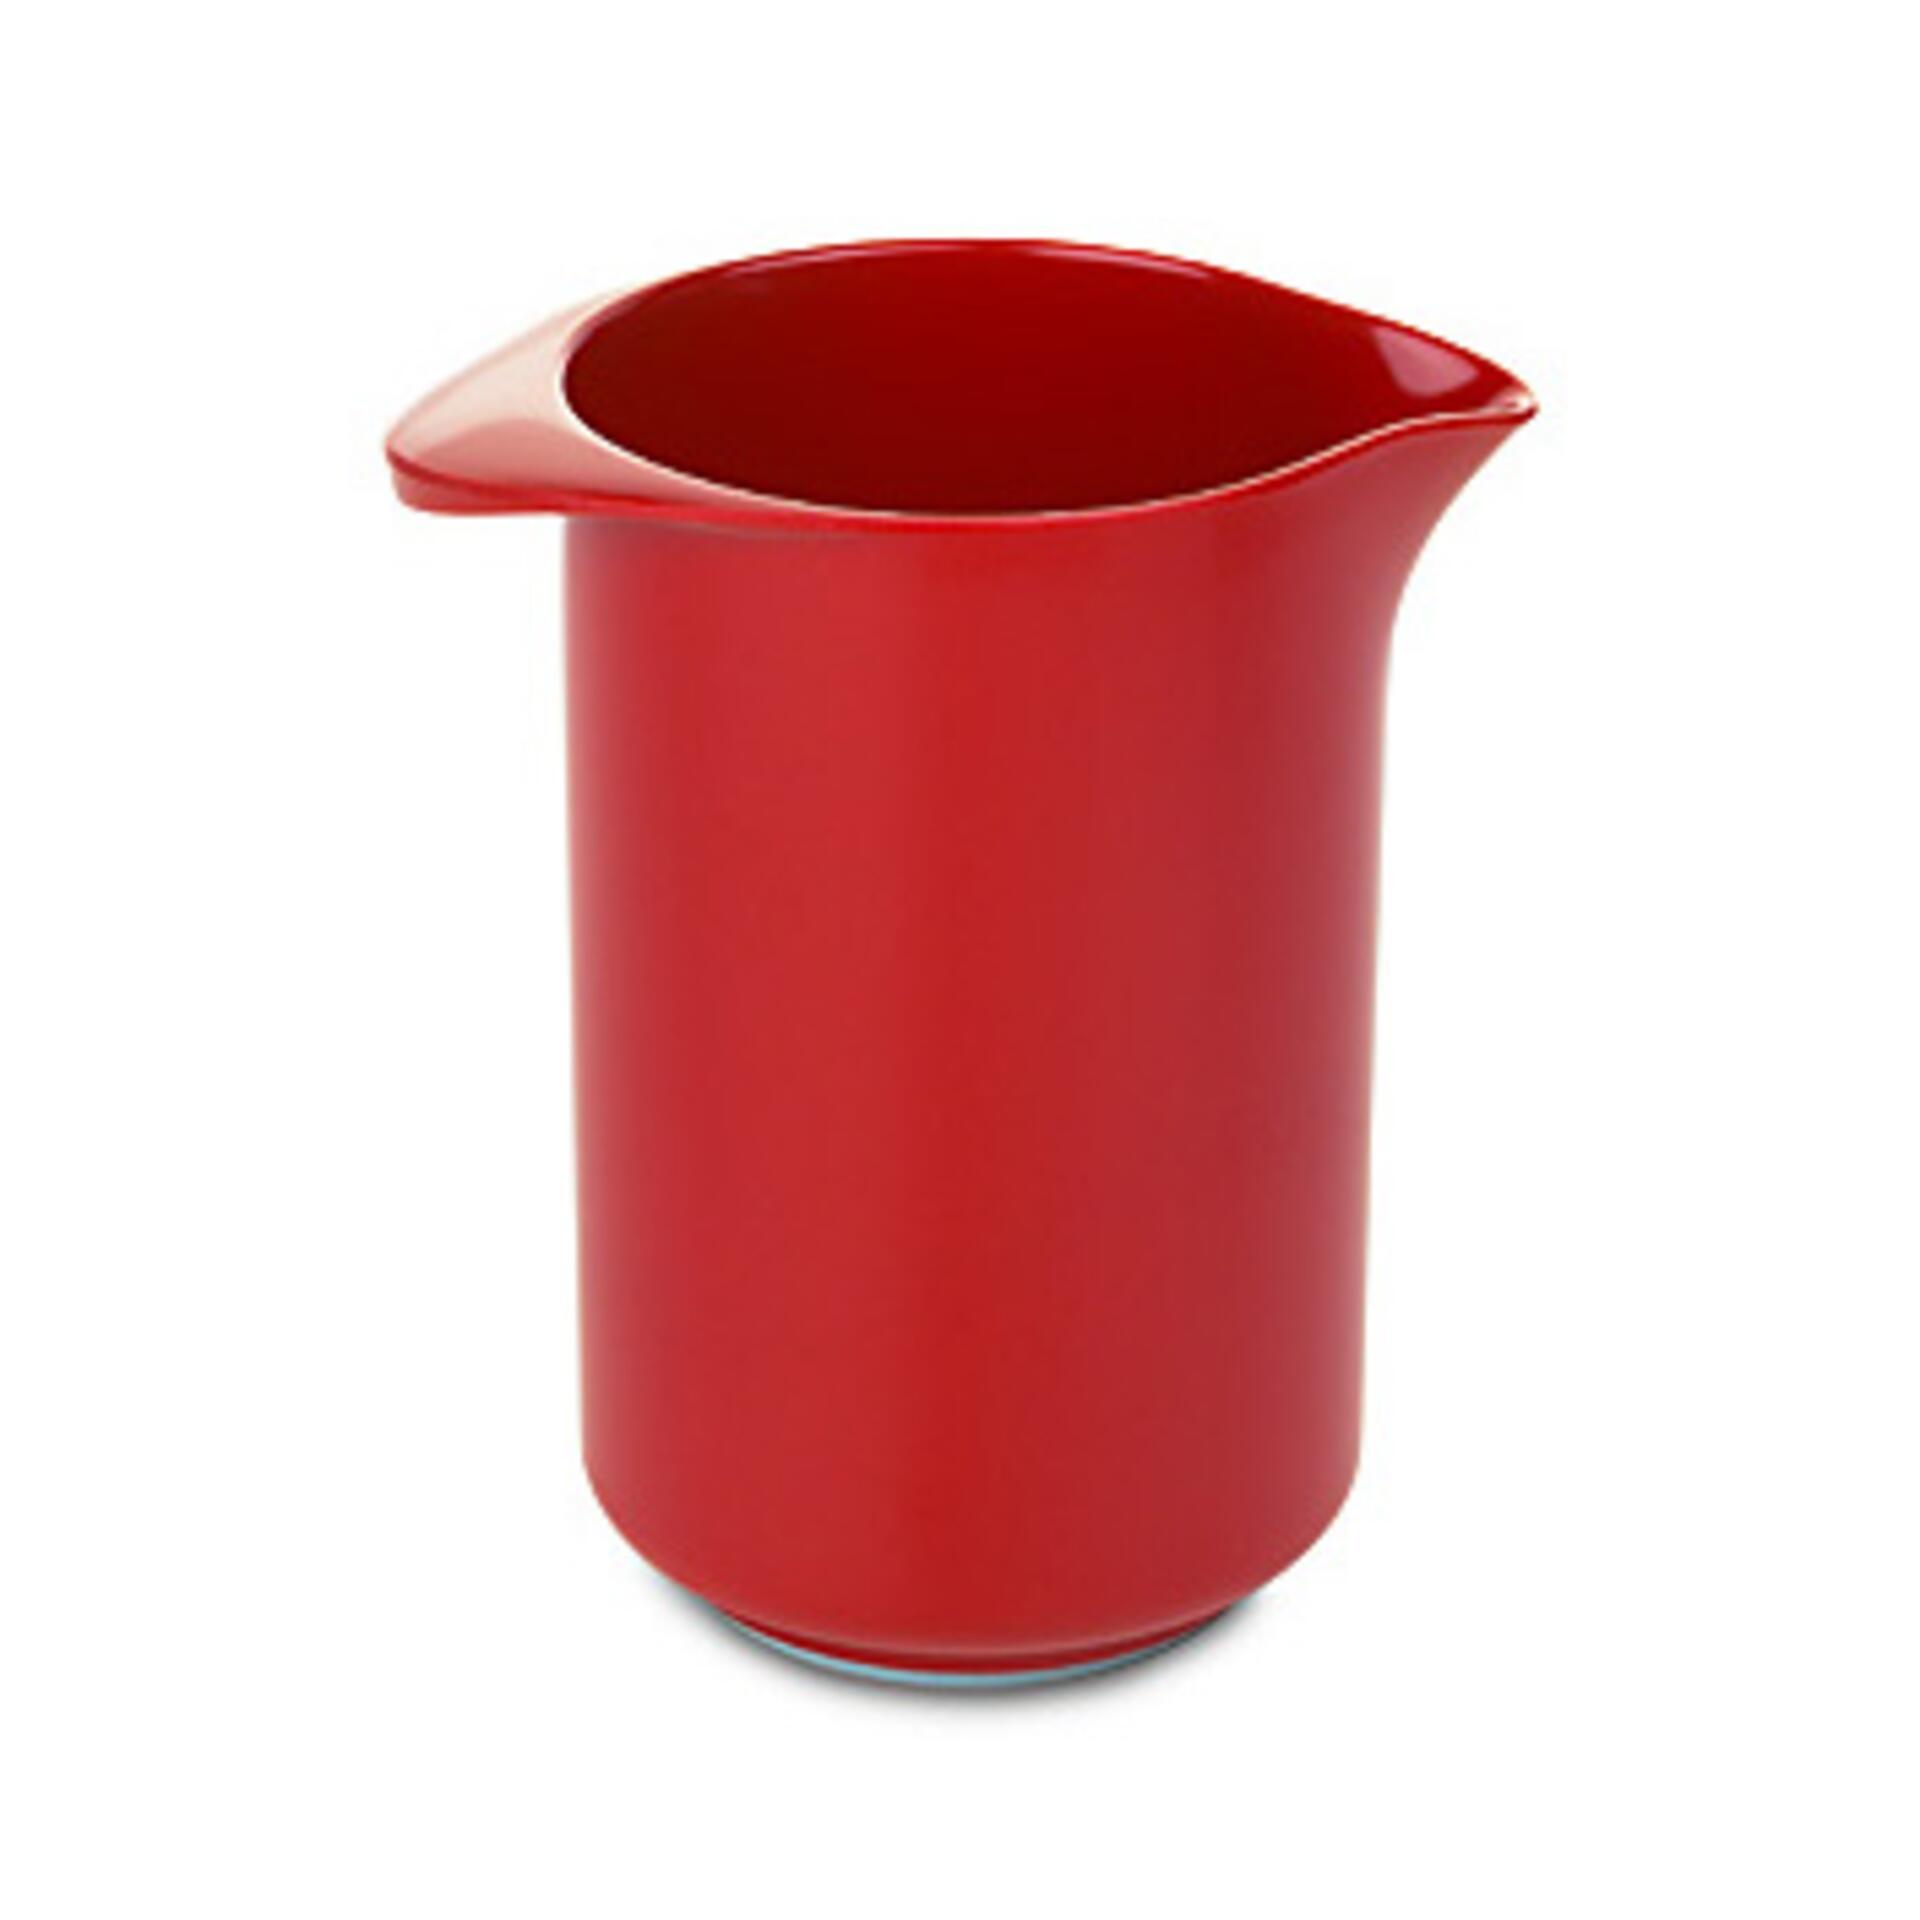 Rosti Mepal Margrethe Rührbecher 1,0 l Rot